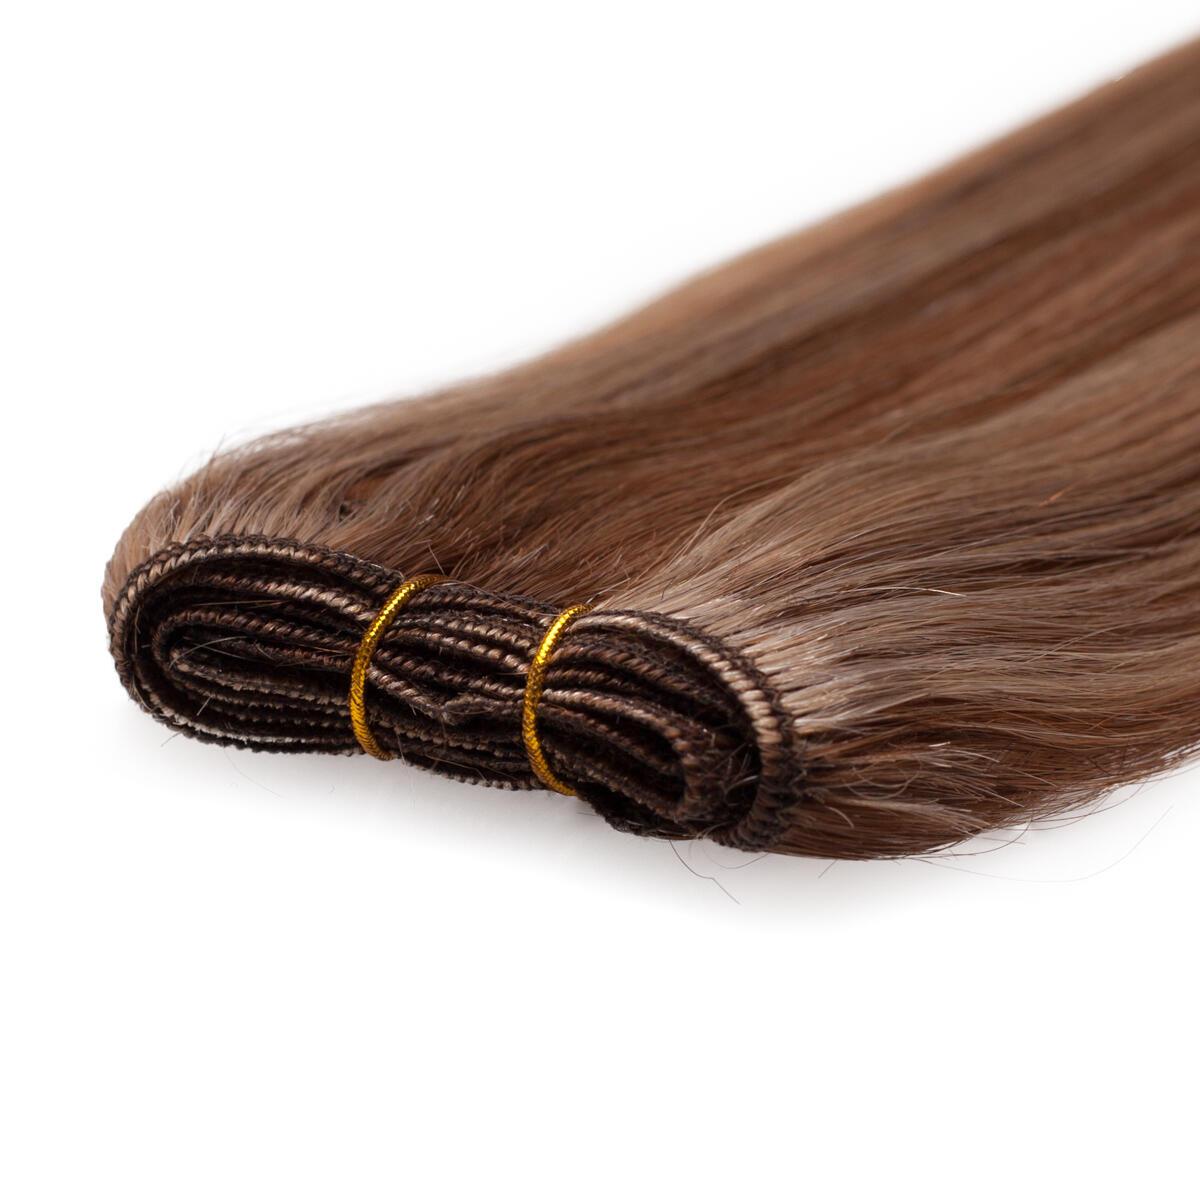 Haartresse Premium Glatt M5.4/7.8 Strawberry Brown Mix 50 cm